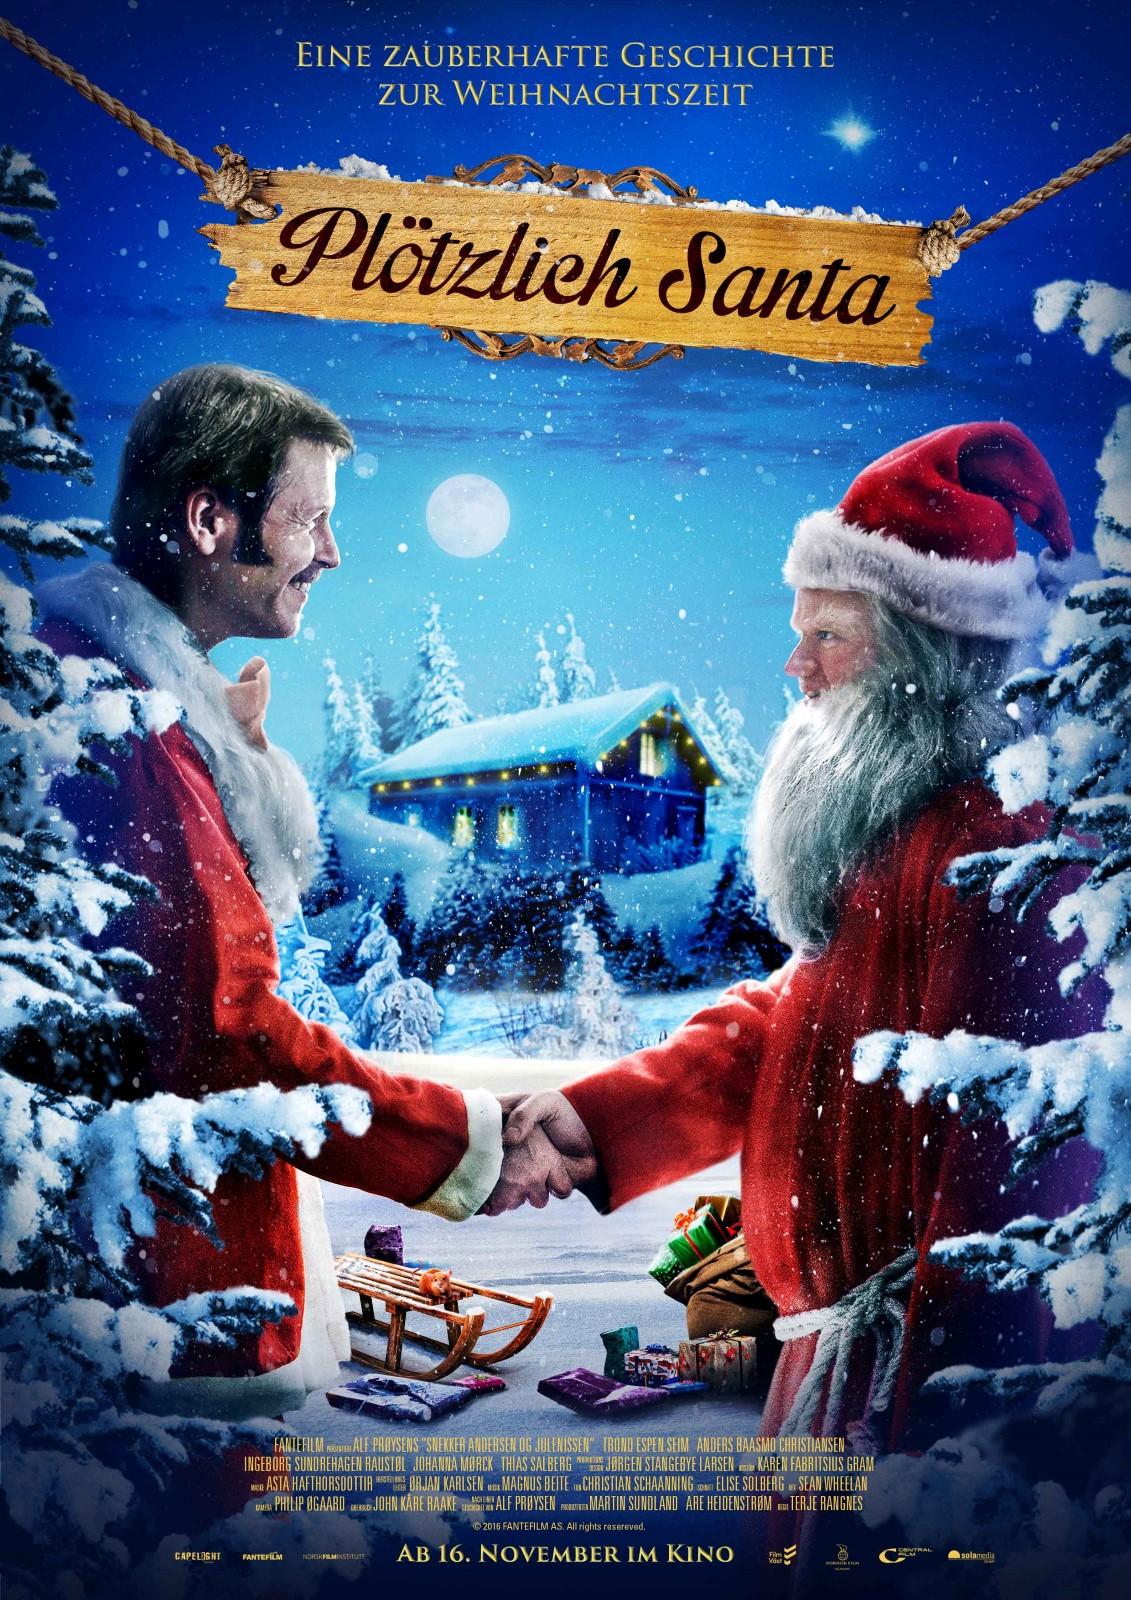 Plötzlich Santa - Film 2016 - FILMSTARTS.de